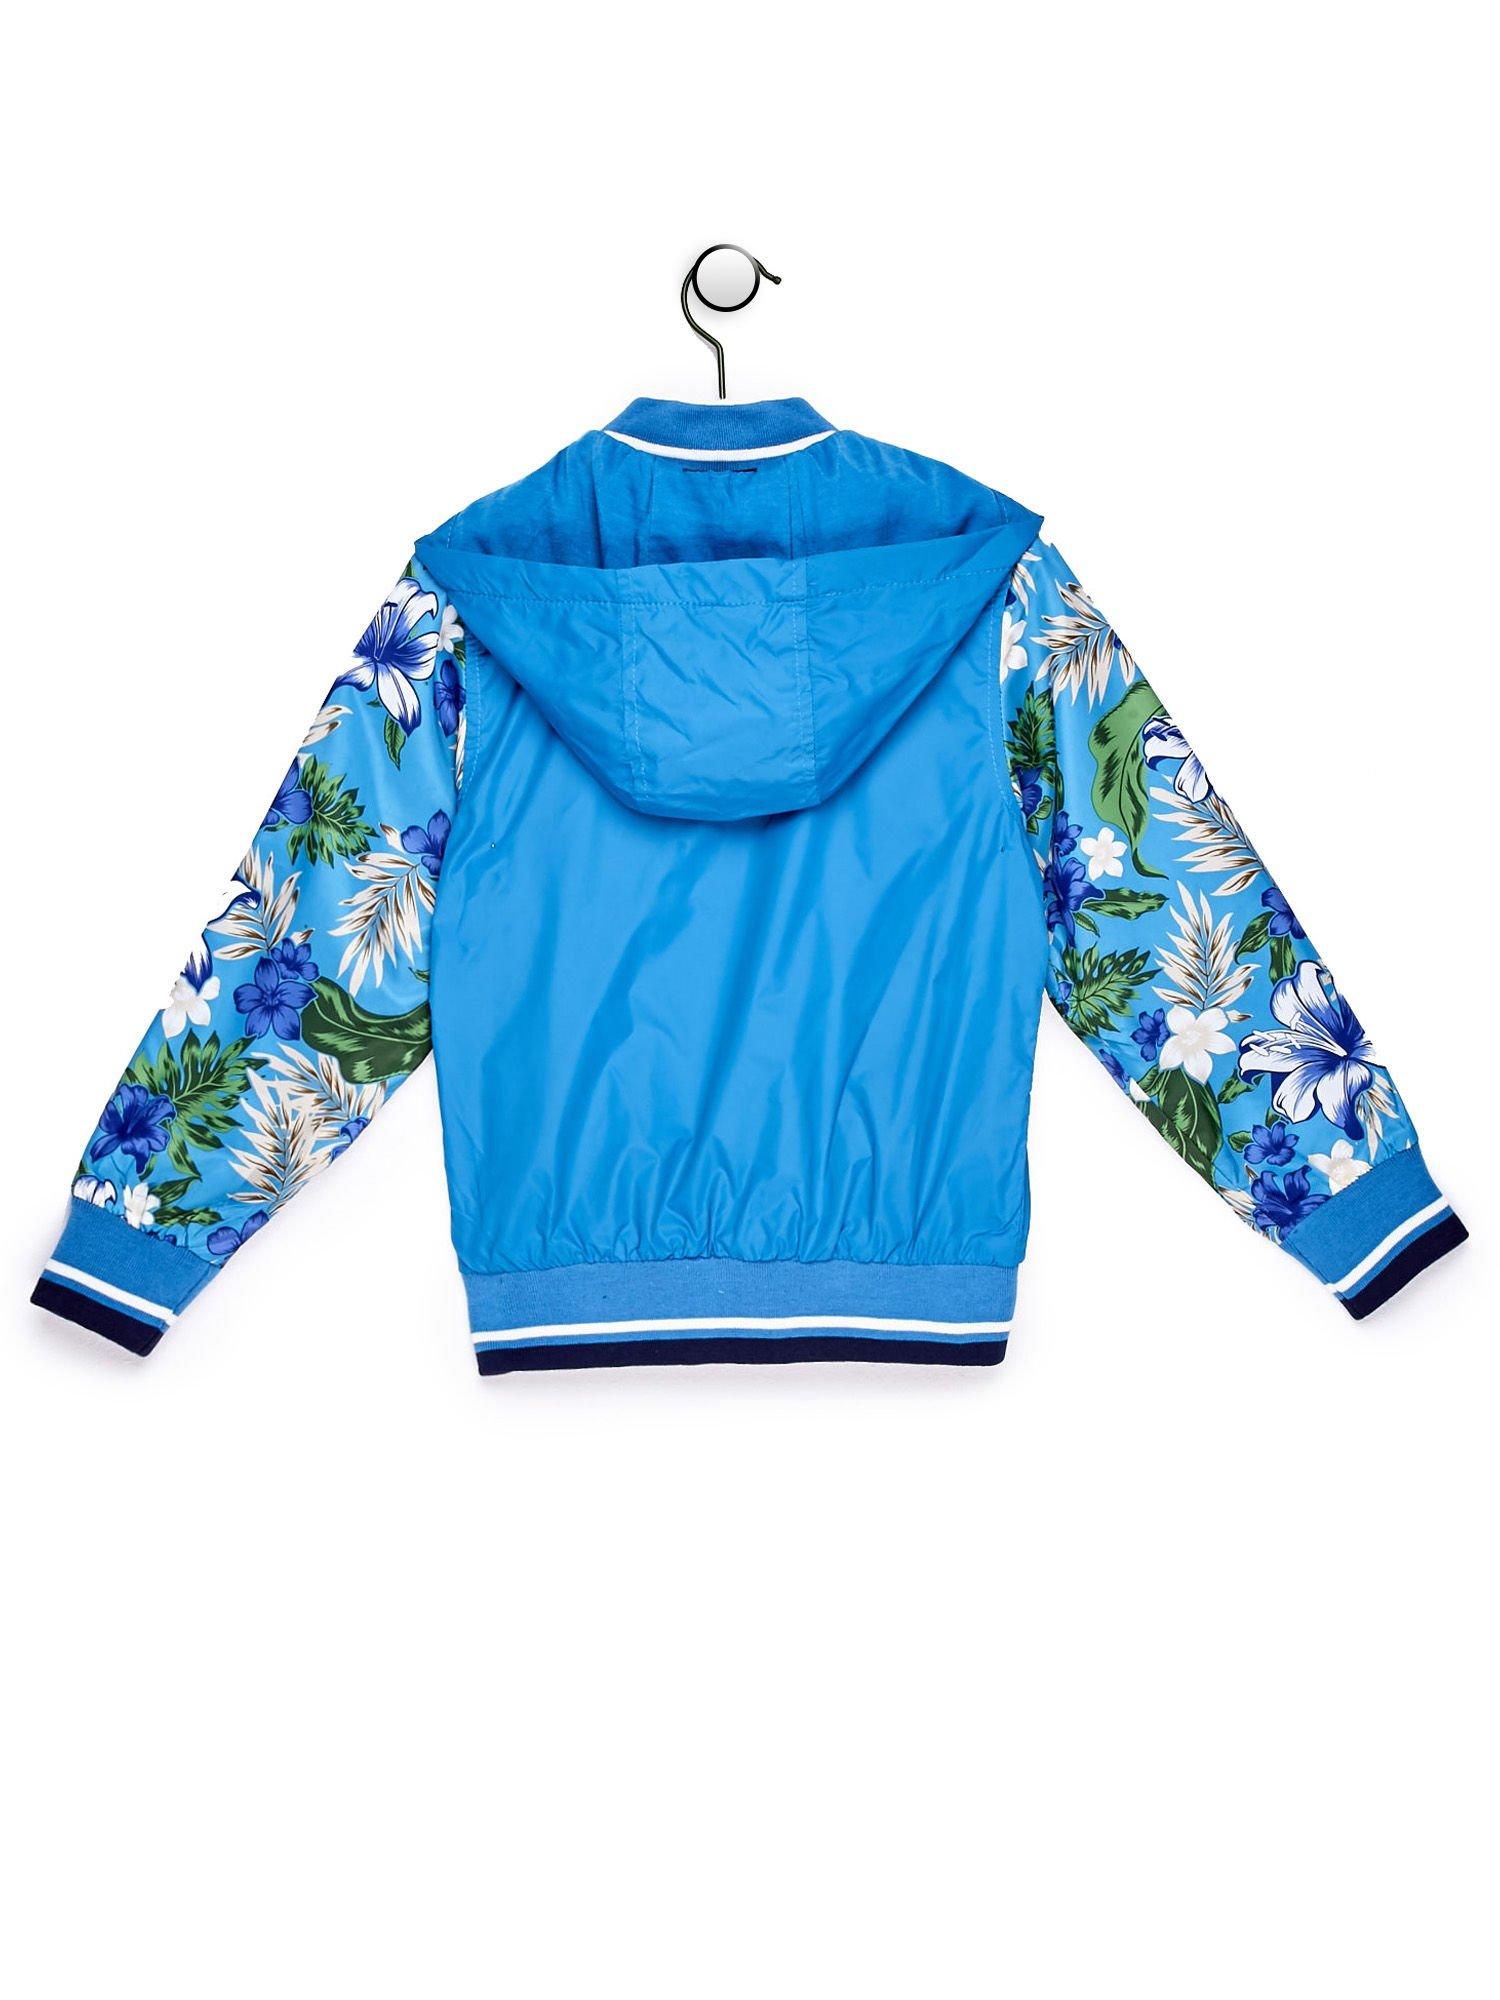 Niebieska kurtka dziecięca z kwiatowymi rękawami